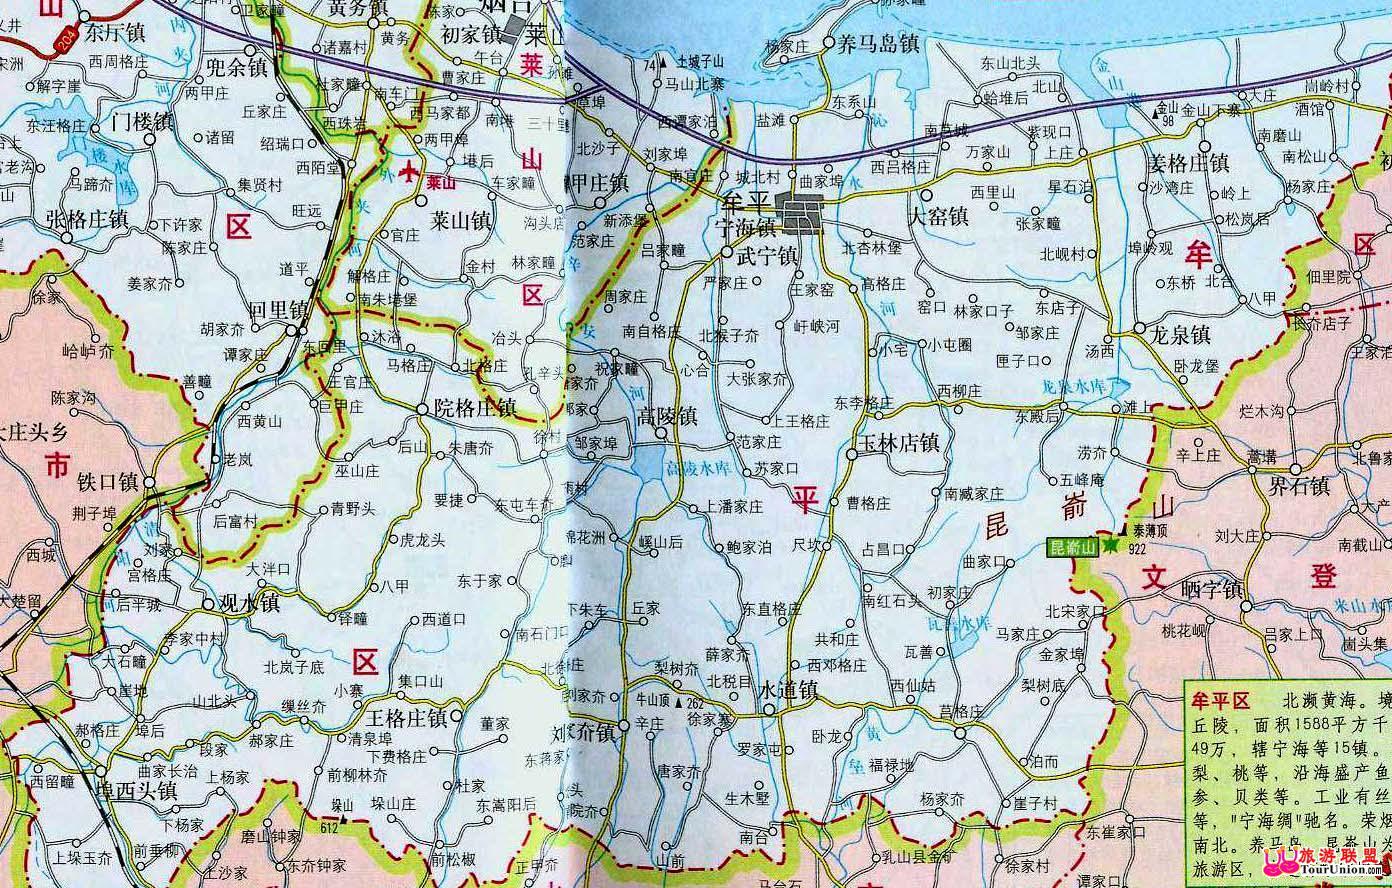 烟台地图全图 山东烟台地图全图 烟台地图全图高清版